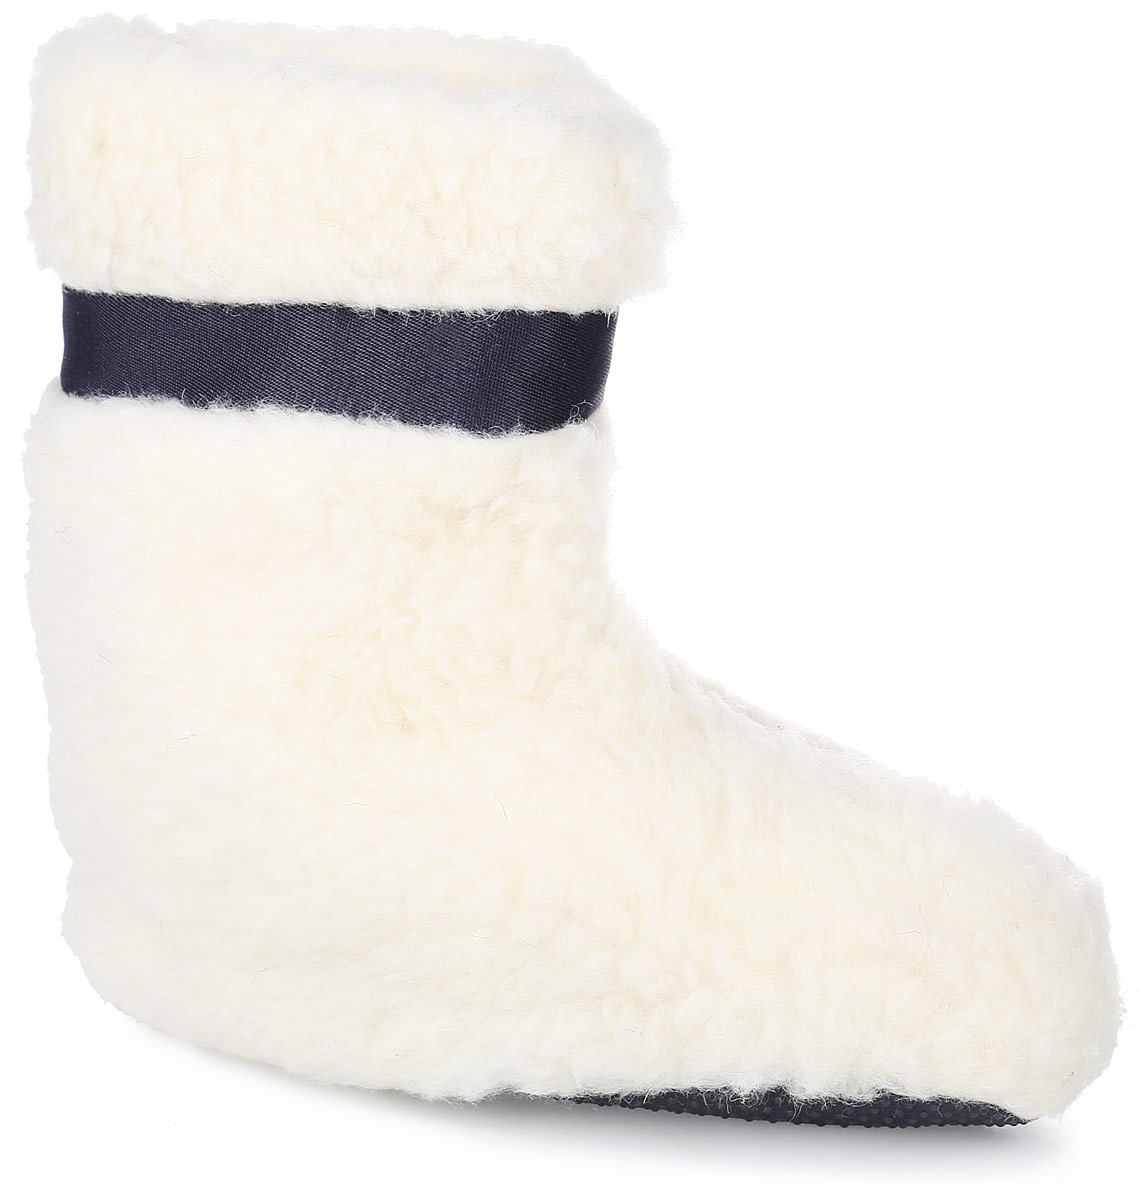 Тапки женские Smart textile, цвет: белый. Н453. Размер 36/37Н453Домашние тапки в виде сапожек изготовлены с применением натурального овечьего меха, обладающими хорошим согревающим свойством. Овечий мех вырабатывает полезное сухое тепло, не вызывает аллергии. Подошва сапожек изготовлена из ткани с ПВХ-покрытием (маленькие пупырышки), что препятствует скольжению и к тому же дополнительно массирует ступни ног, оказывая благотворный эффект на самочувствие.